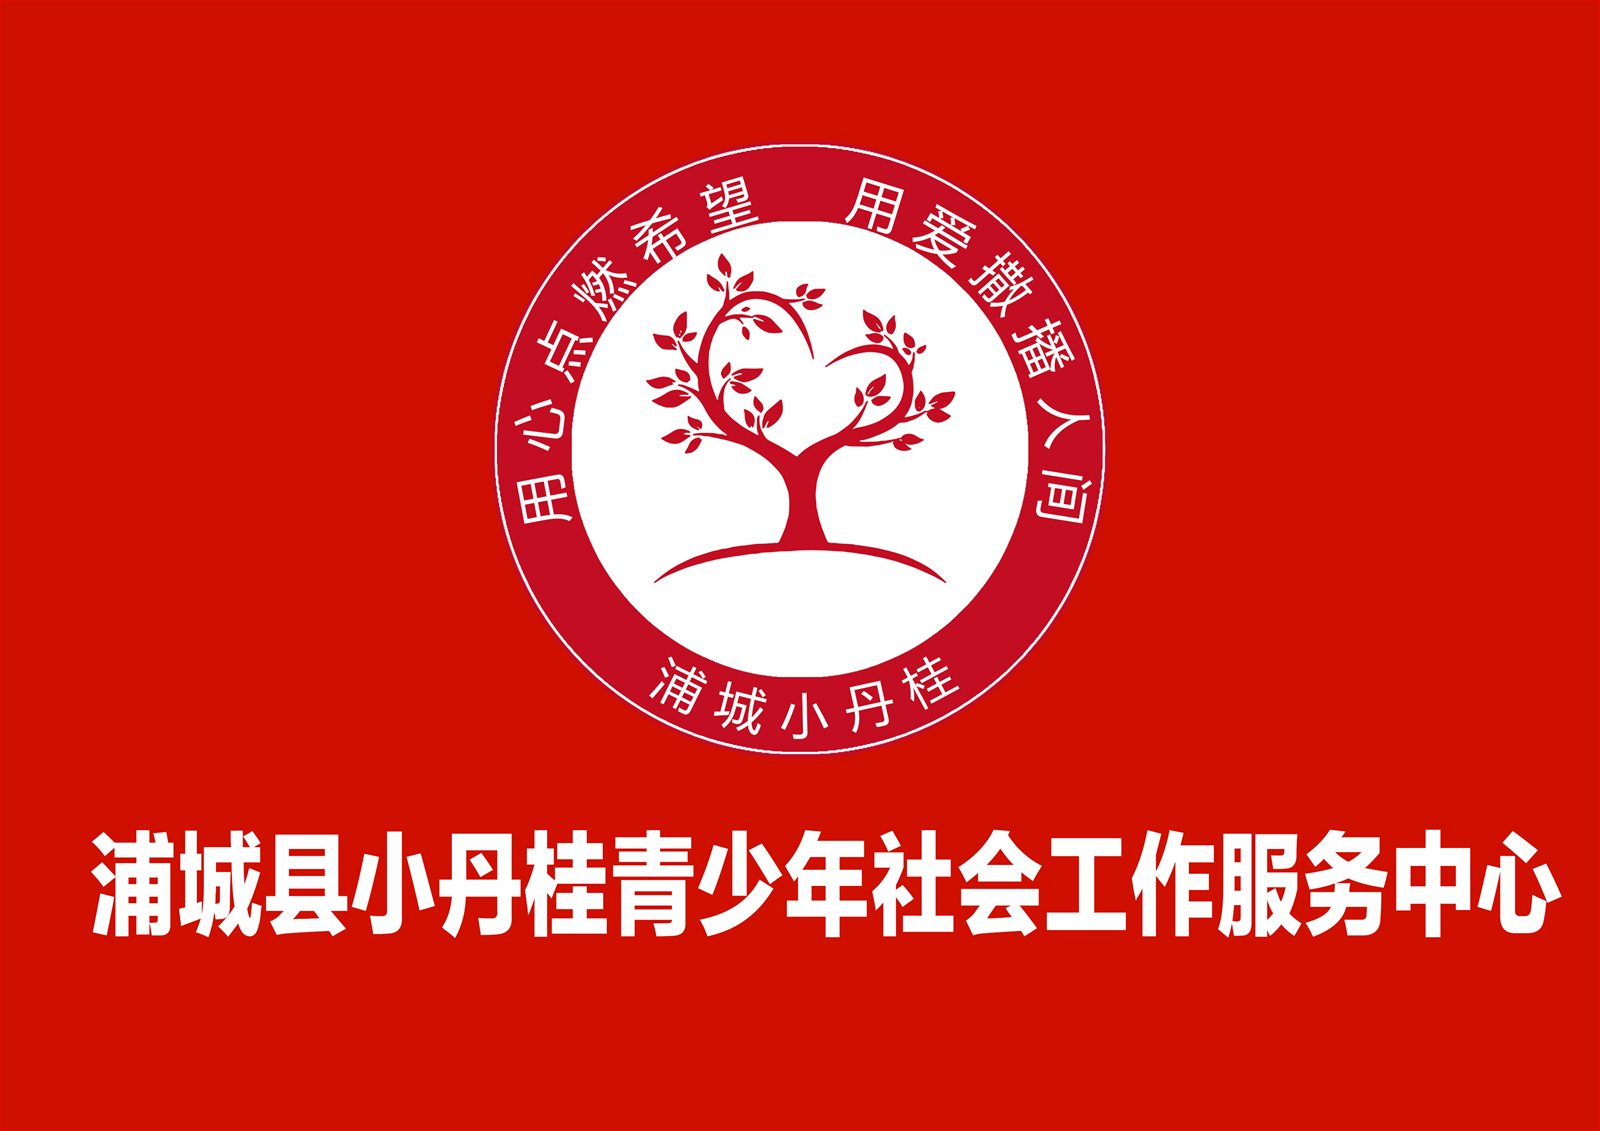 浦城县小丹桂青少年社会工作服务中心